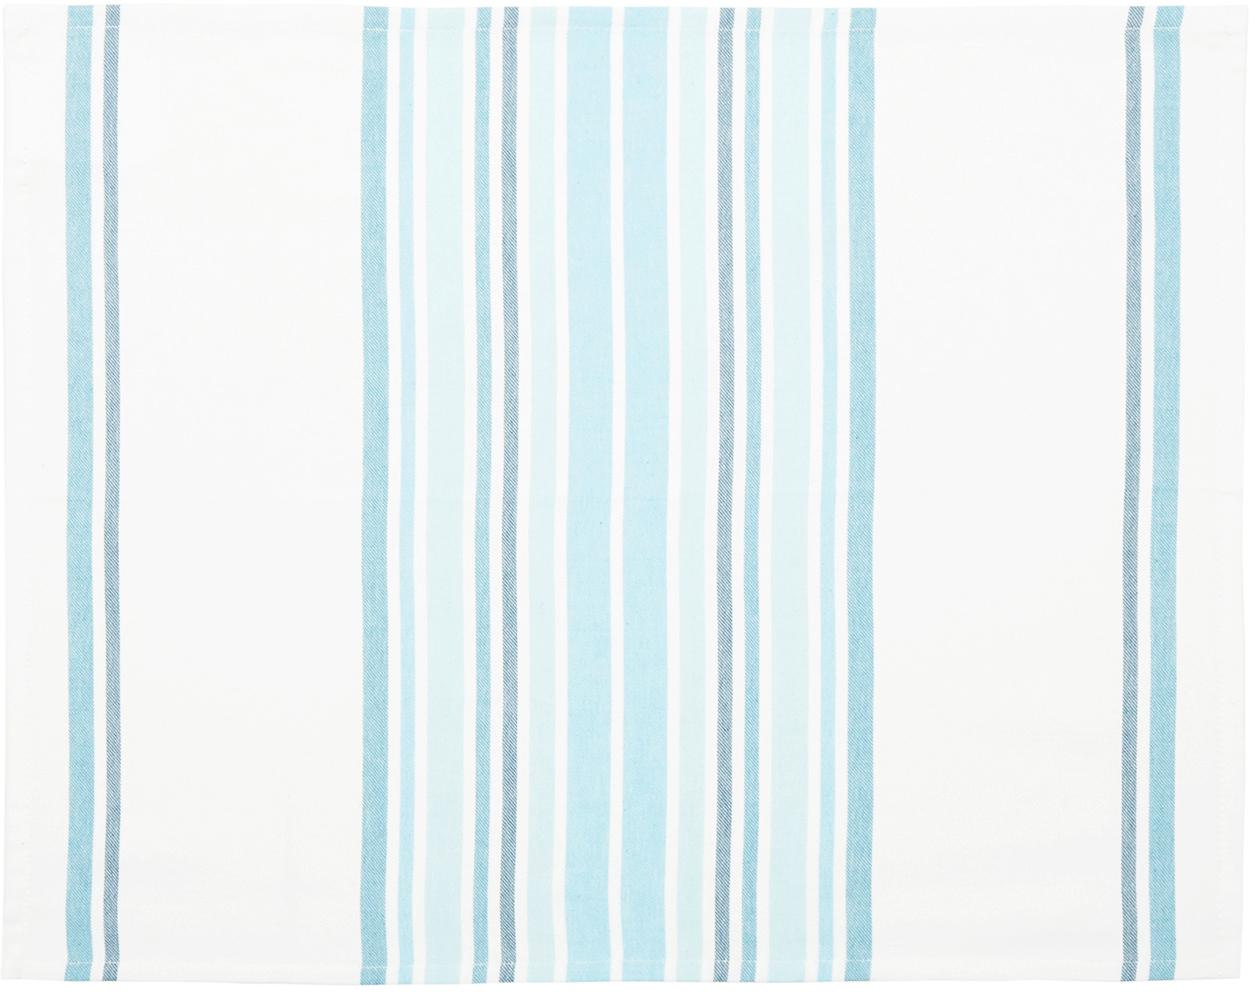 Tovaglietta americana Katie 2 pz, Cotone, Bianco, blu, Larg. 40 x Lung. 50 cm